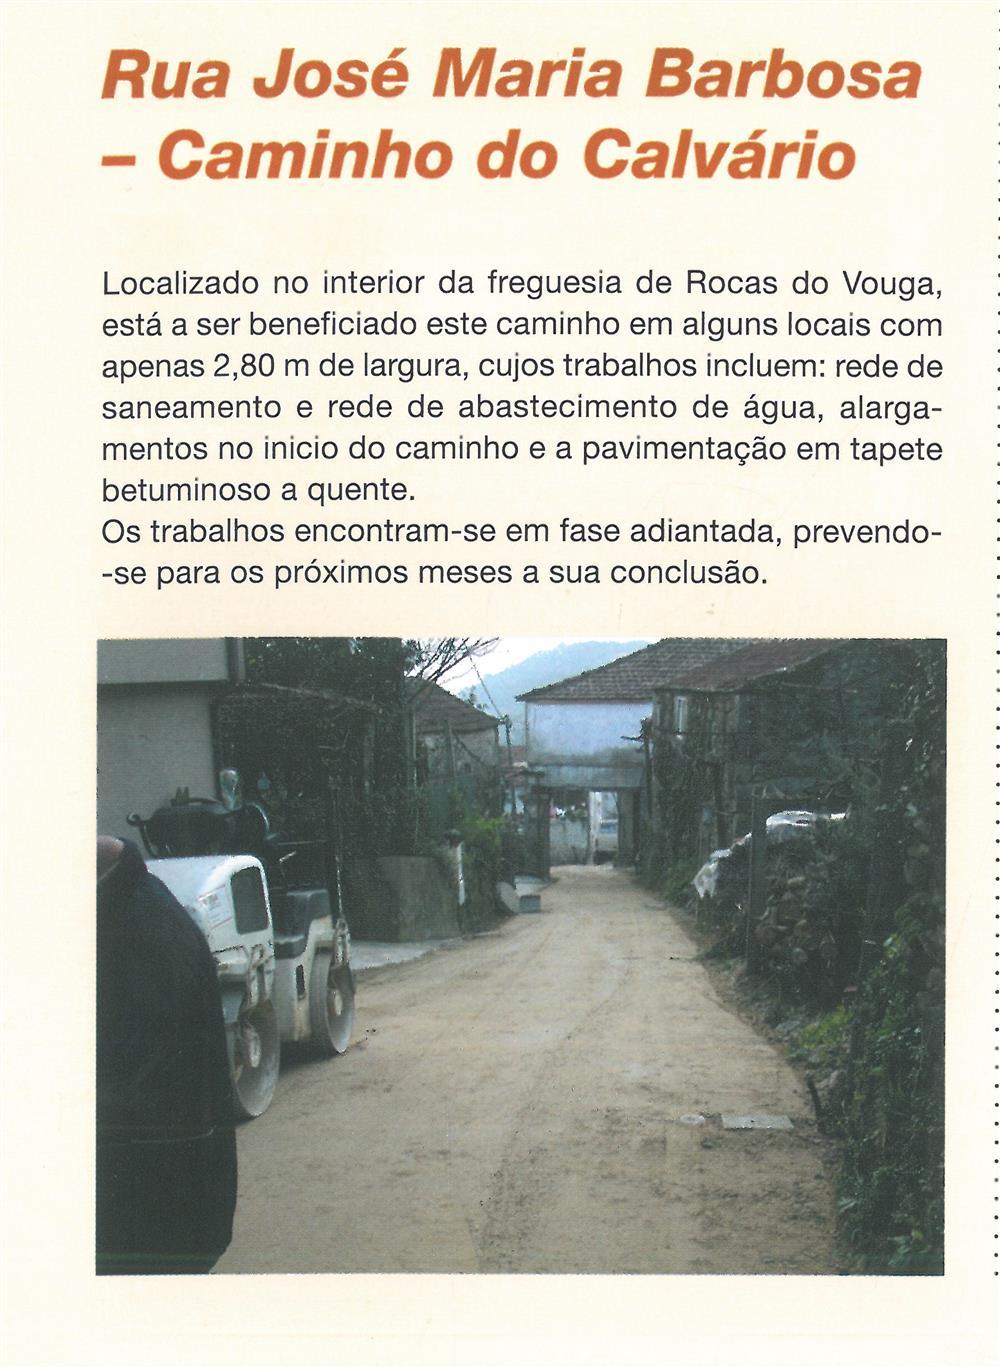 BoletimMunicipal-n.º 21-mar.'07-p.7-Obras Municipais : Obras Públicas : Rua José Maria Barbosa, Caminho do Calvário.jpg